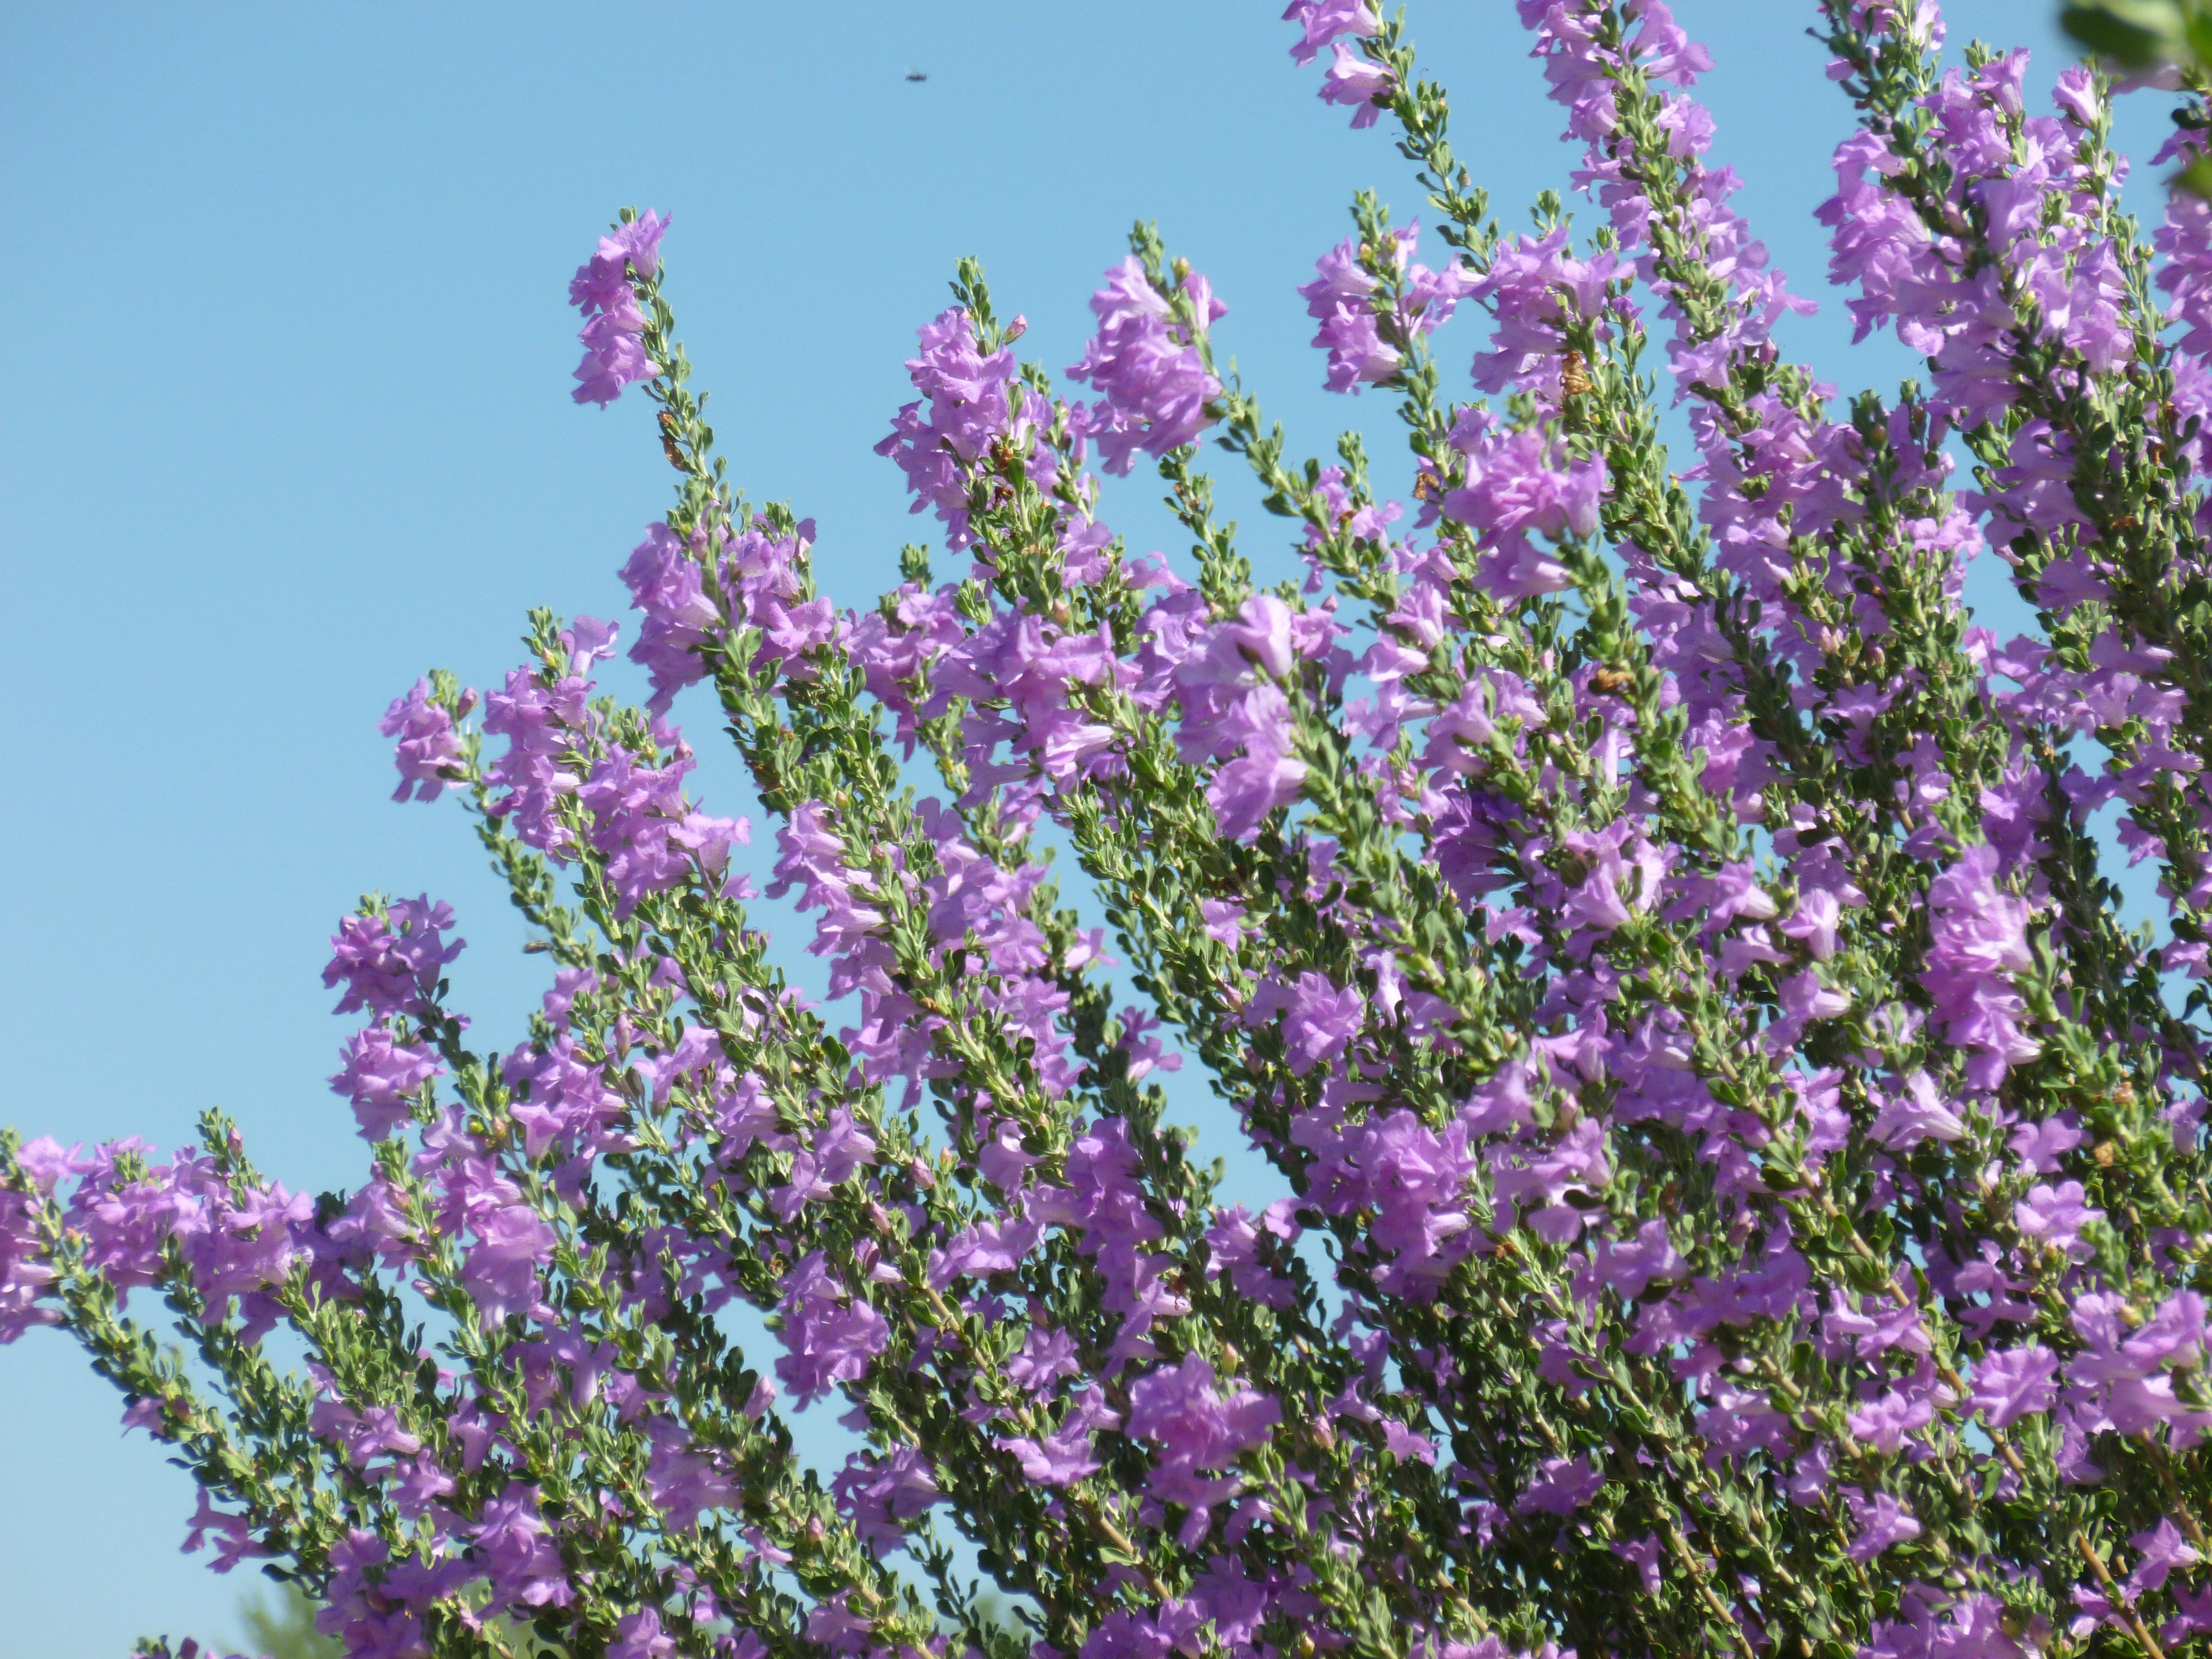 Purple Flowers Bushes Tucson Tjs Garden